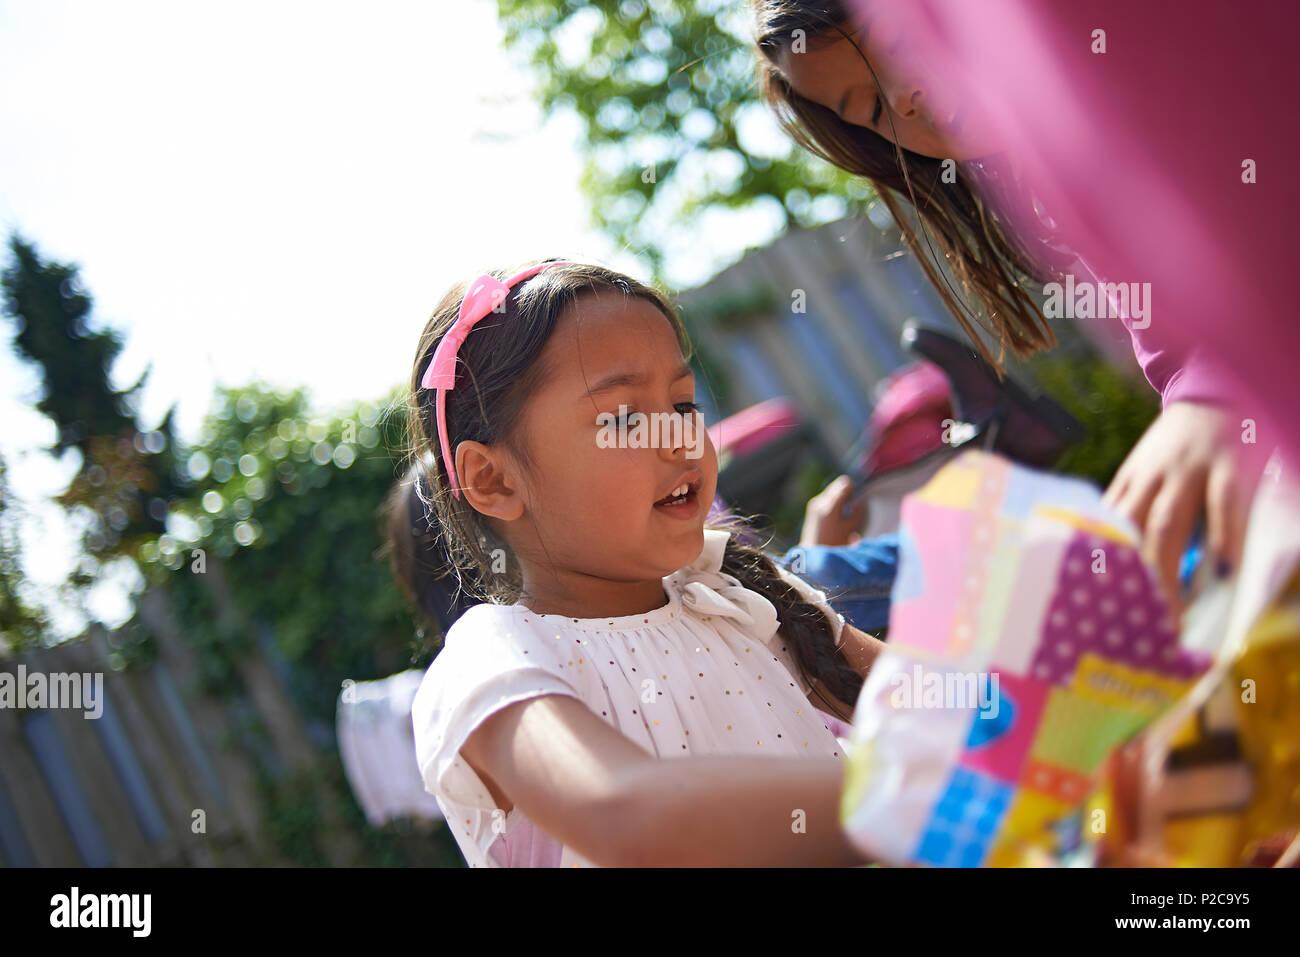 Cute Asian preadolescentes chica sentada en el jardín, rodeado de amigos y familia, vestida con un traje de princesa celebrando su cumpleaños desenvolver presente Imagen De Stock